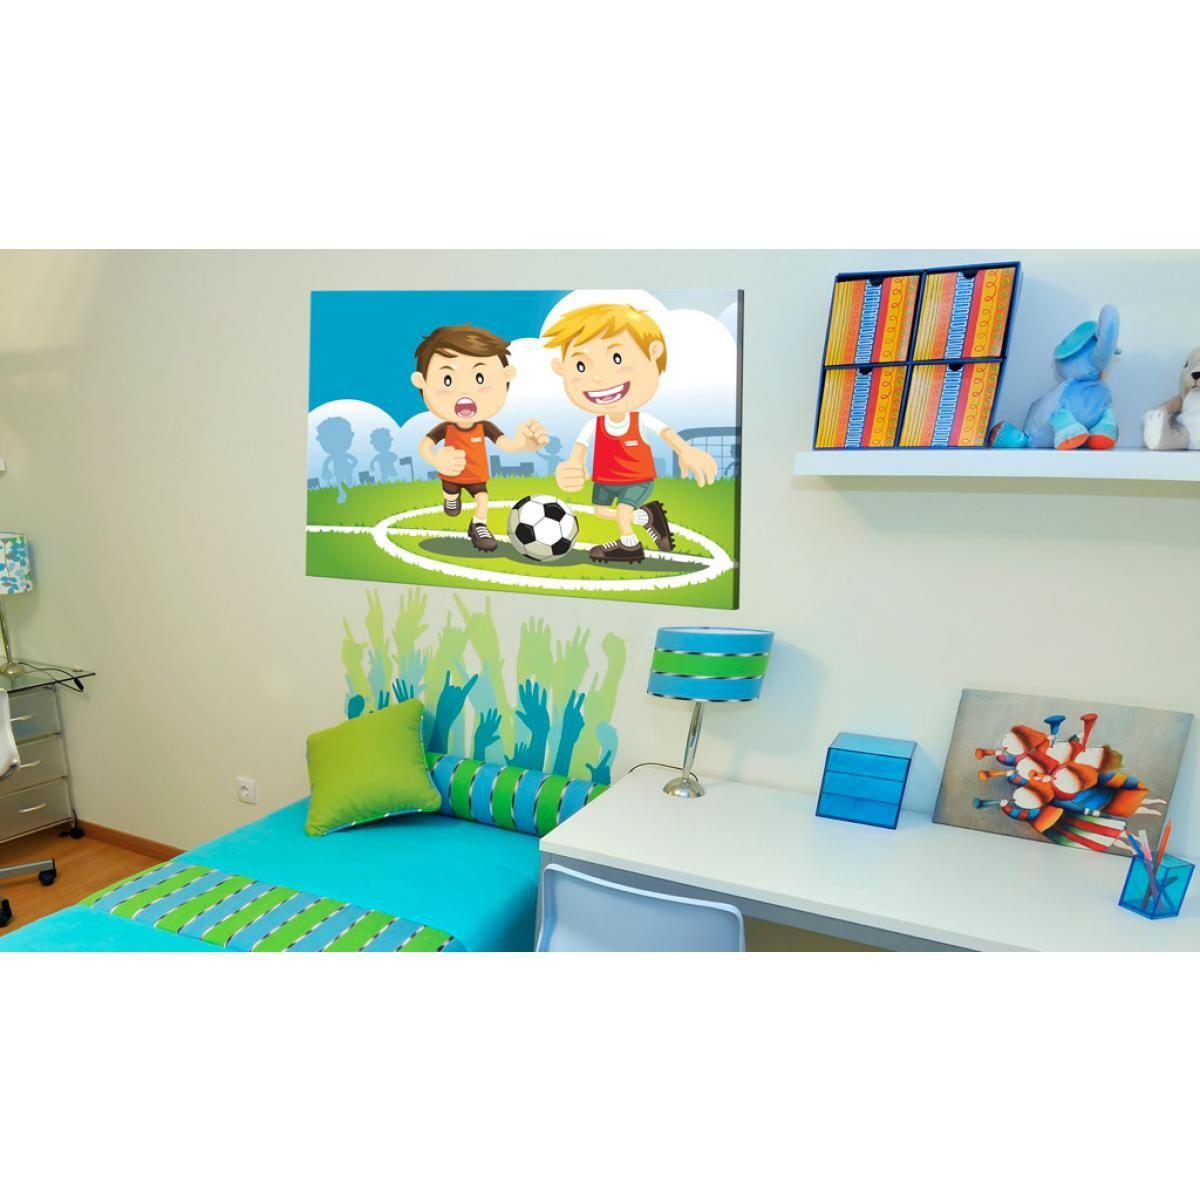 Quadri per bambini fioca con noi quadri bambini carte da parati quadri per bambini - Quadri per camera bambini ...